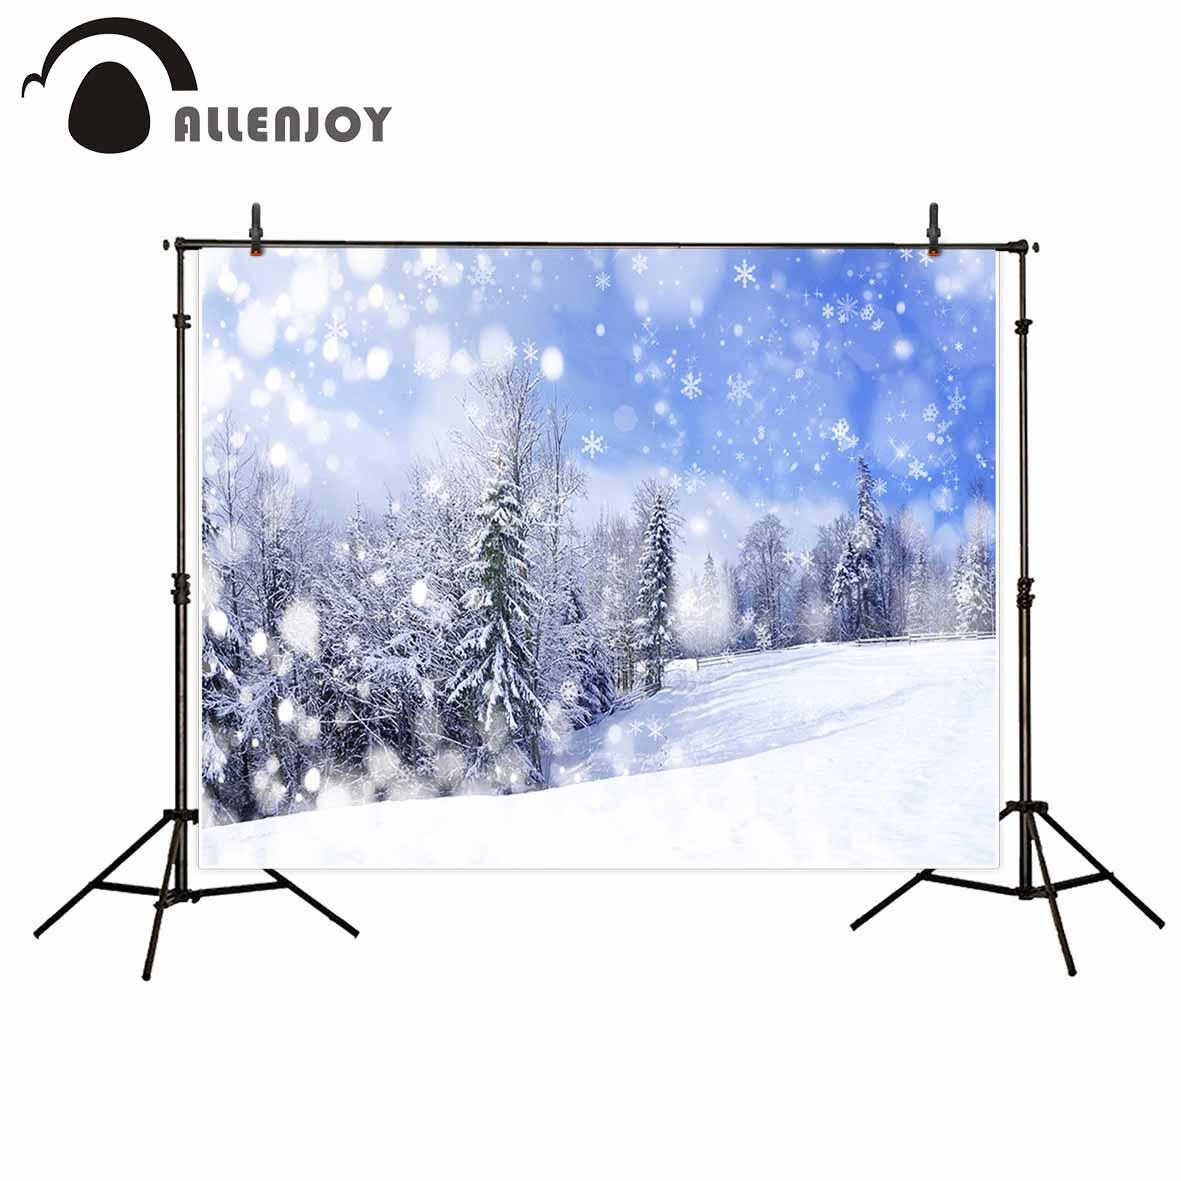 Фон для фотосъемки Allenjoy, зимний фон для фотосъемки с лесом, снежиной, деревом, деревом, небесным фоном, оригинальный дизайн, портретная съемк...